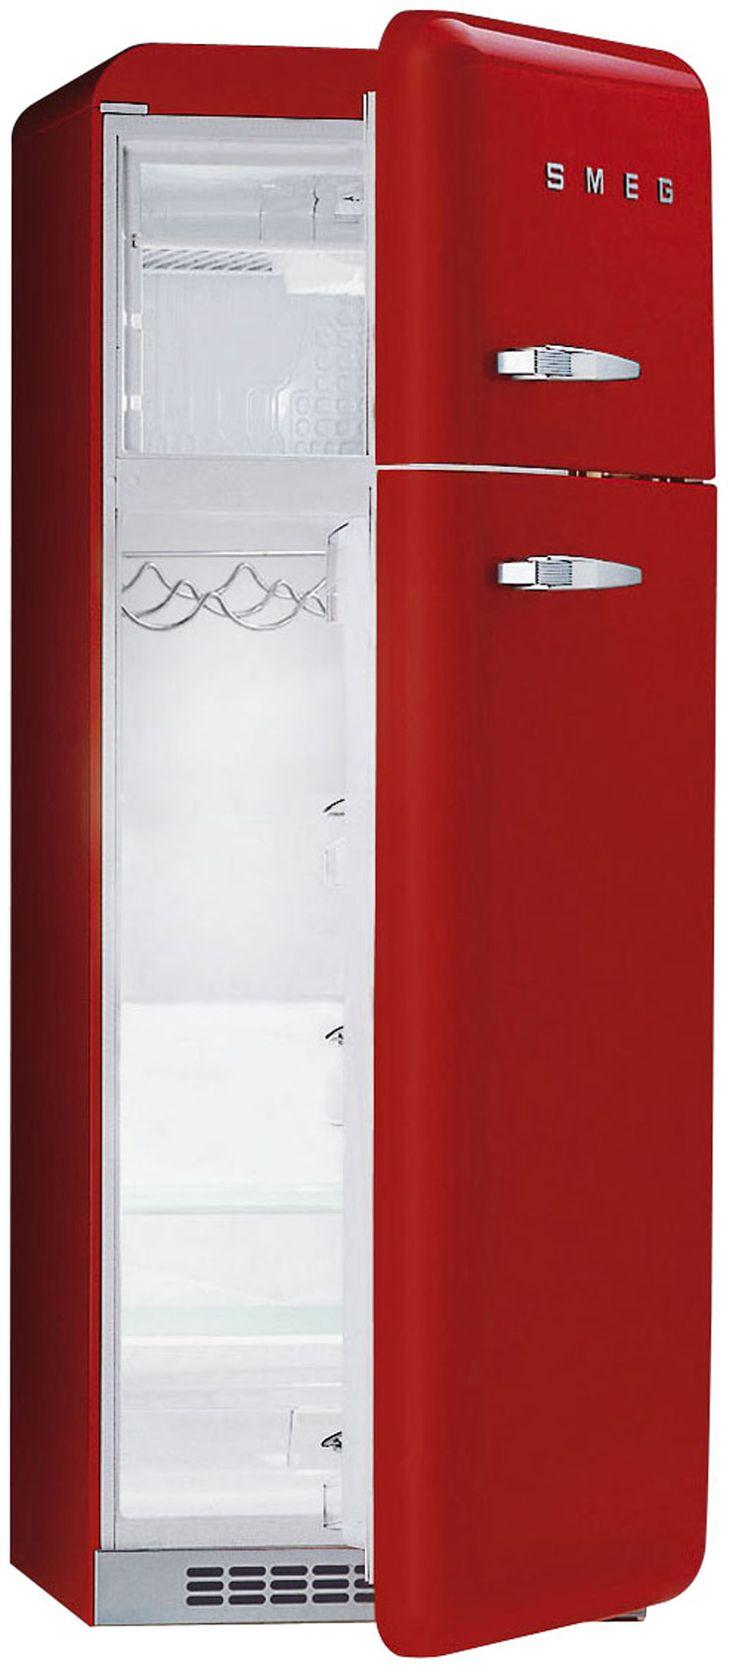 136 best images about the fridge on pinterest. Black Bedroom Furniture Sets. Home Design Ideas